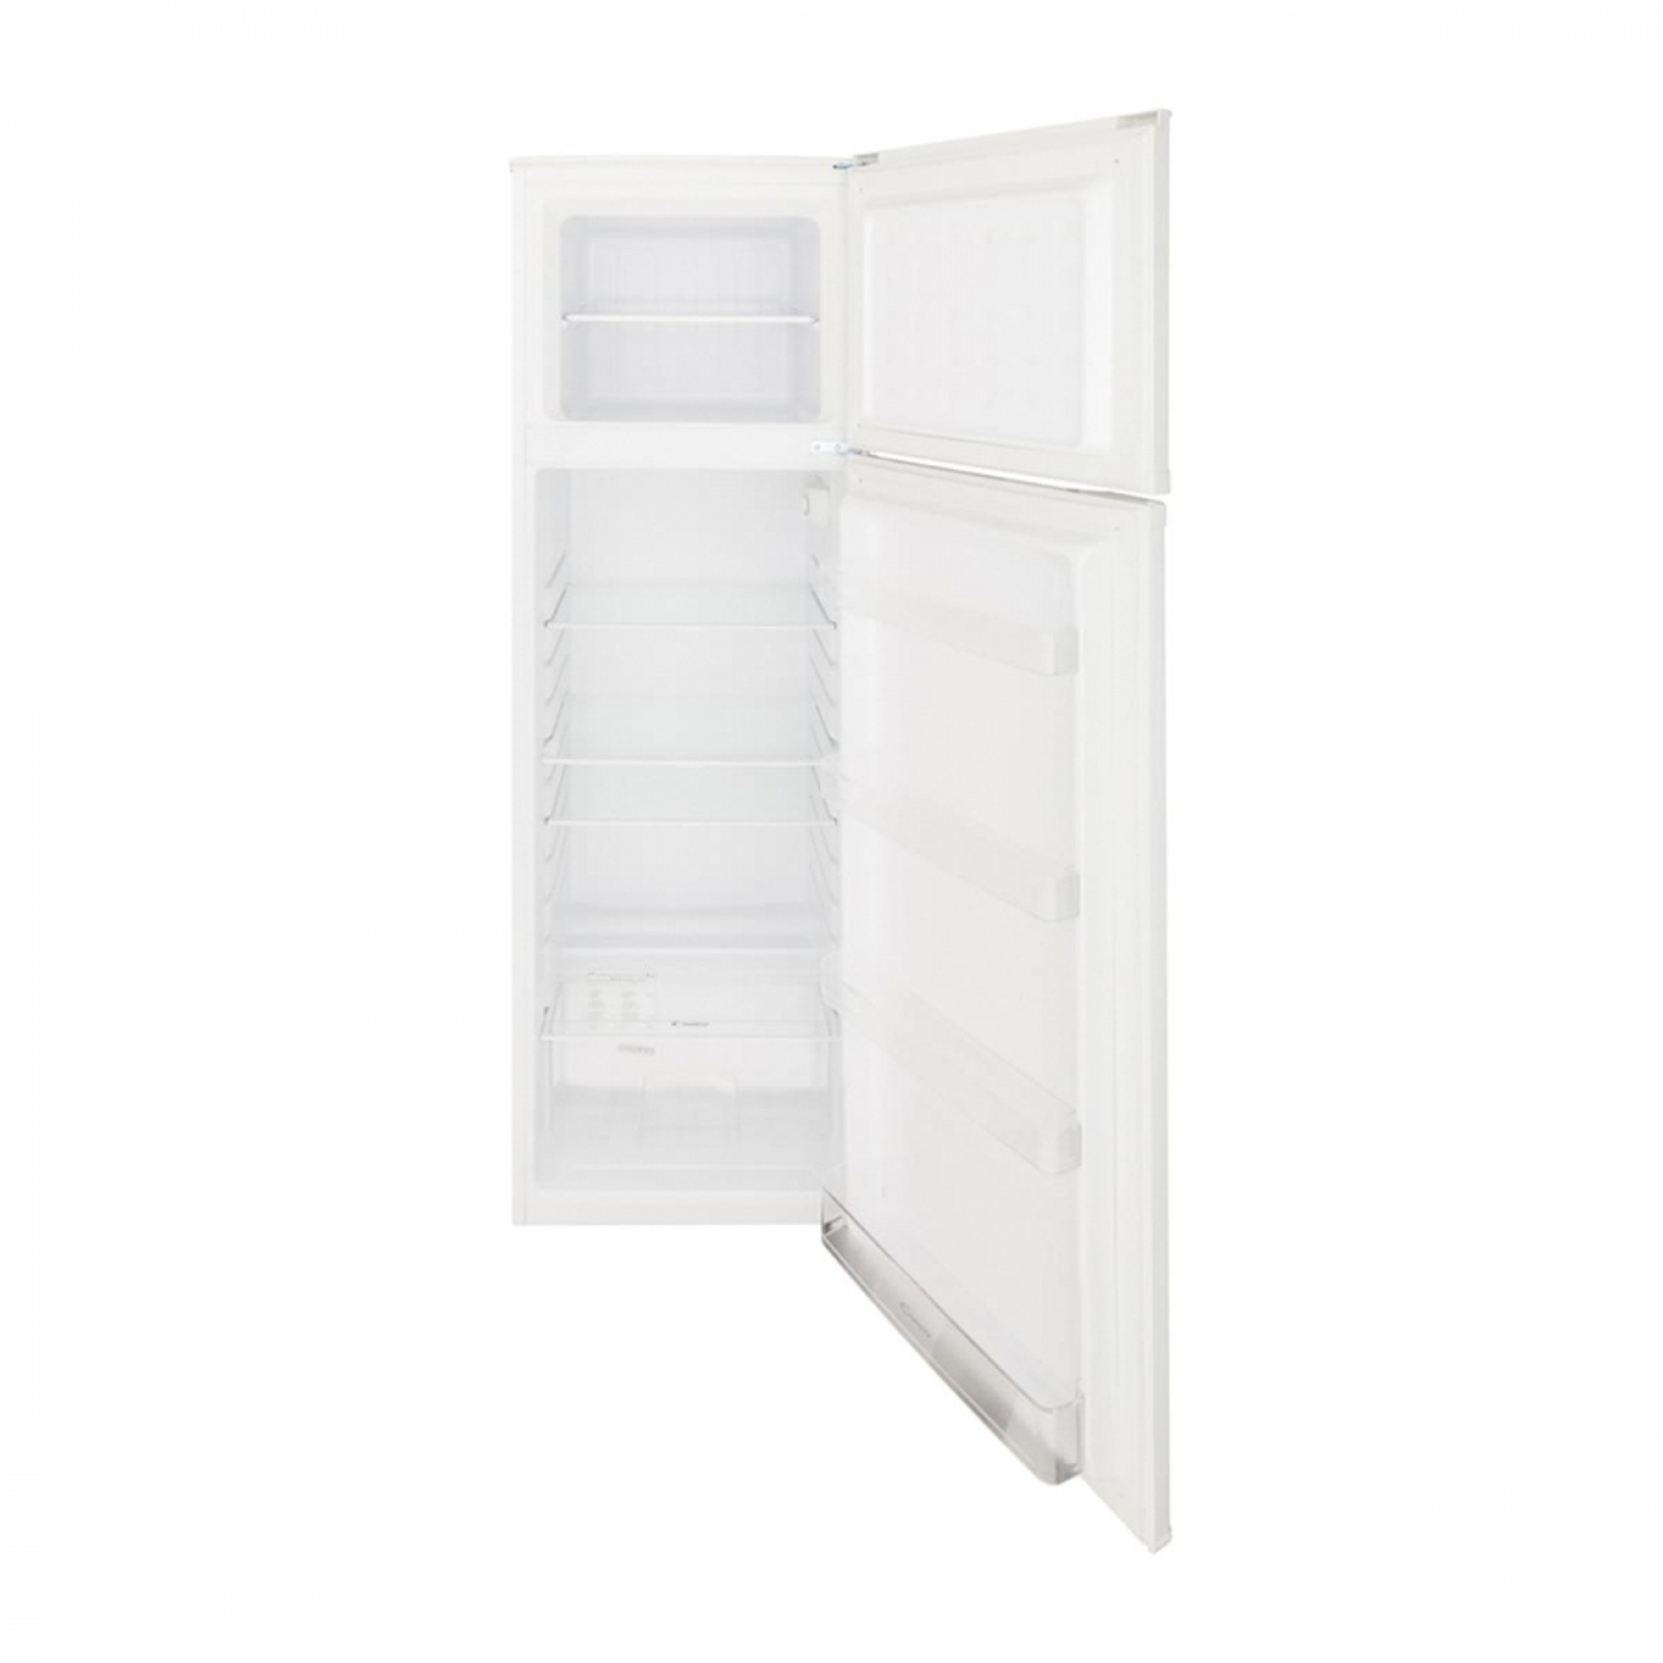 Candy cvds5162w frigorifero doppia porta 250 litri classe a colore bianco elettrovillage - Frigoriferi doppia porta classe a ...